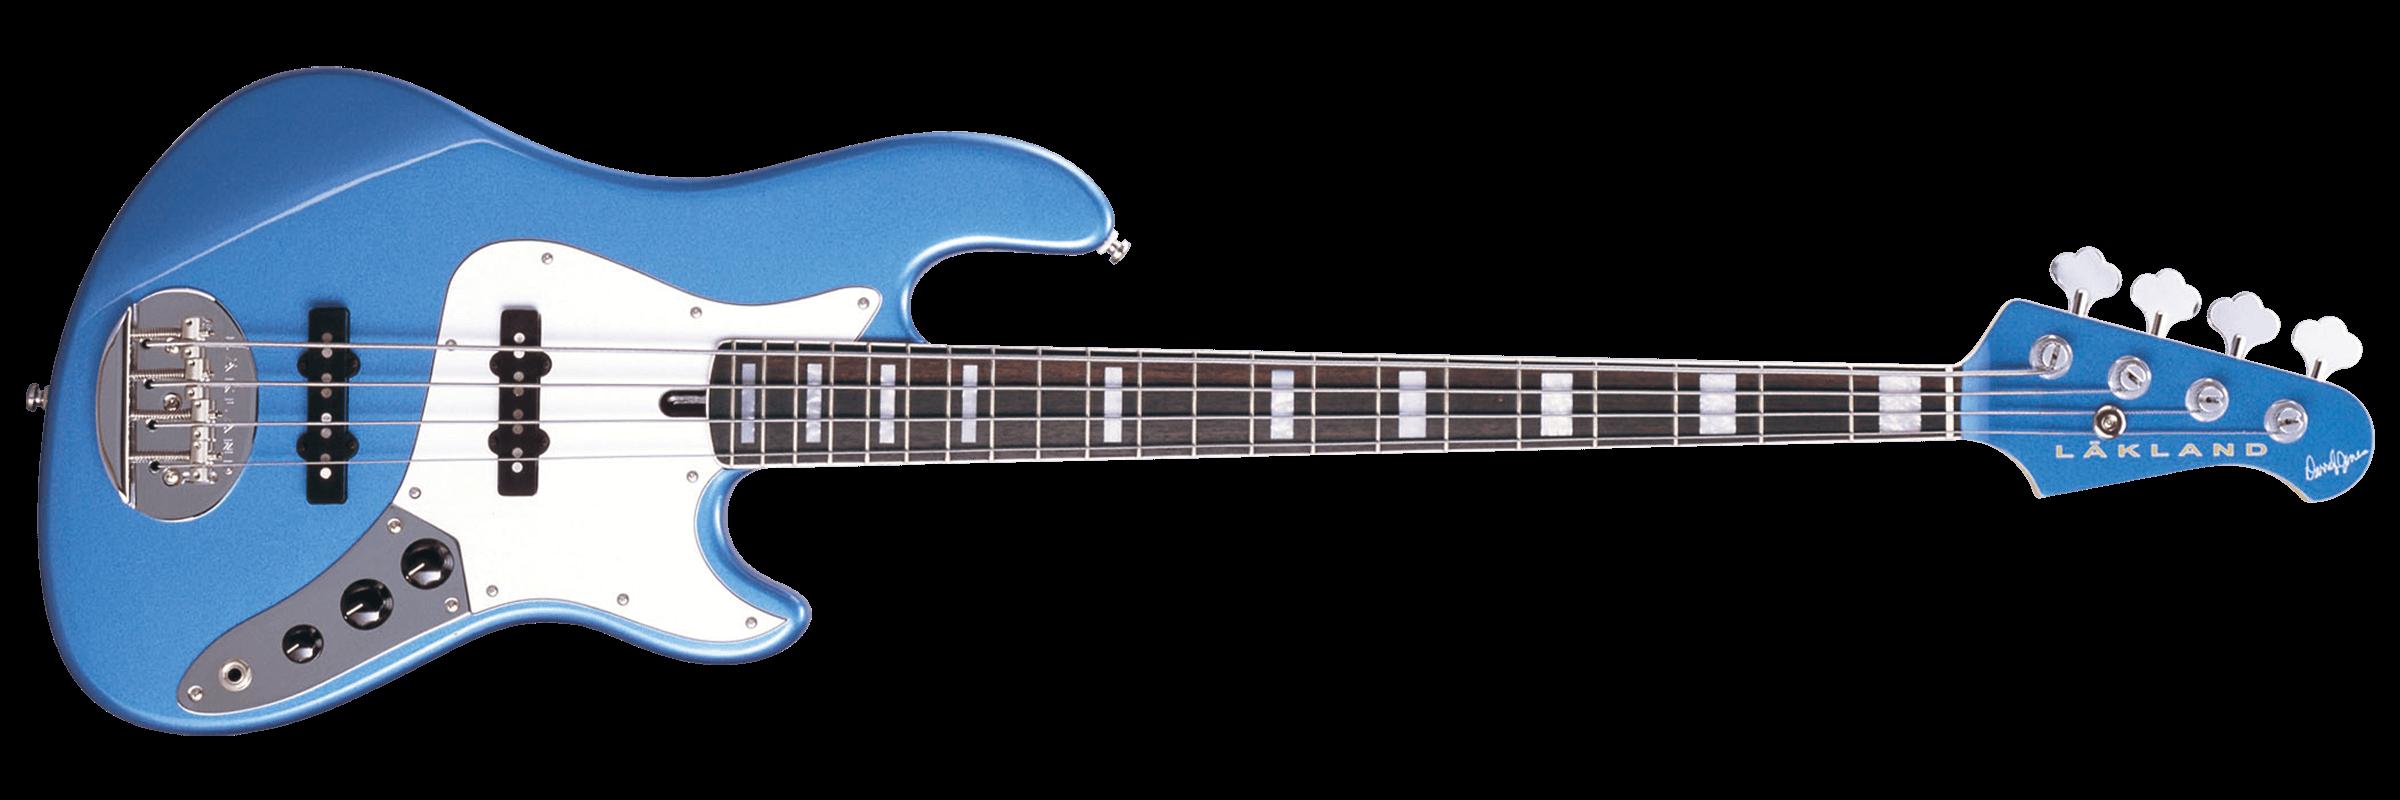 Lake Placid Blue Metallic